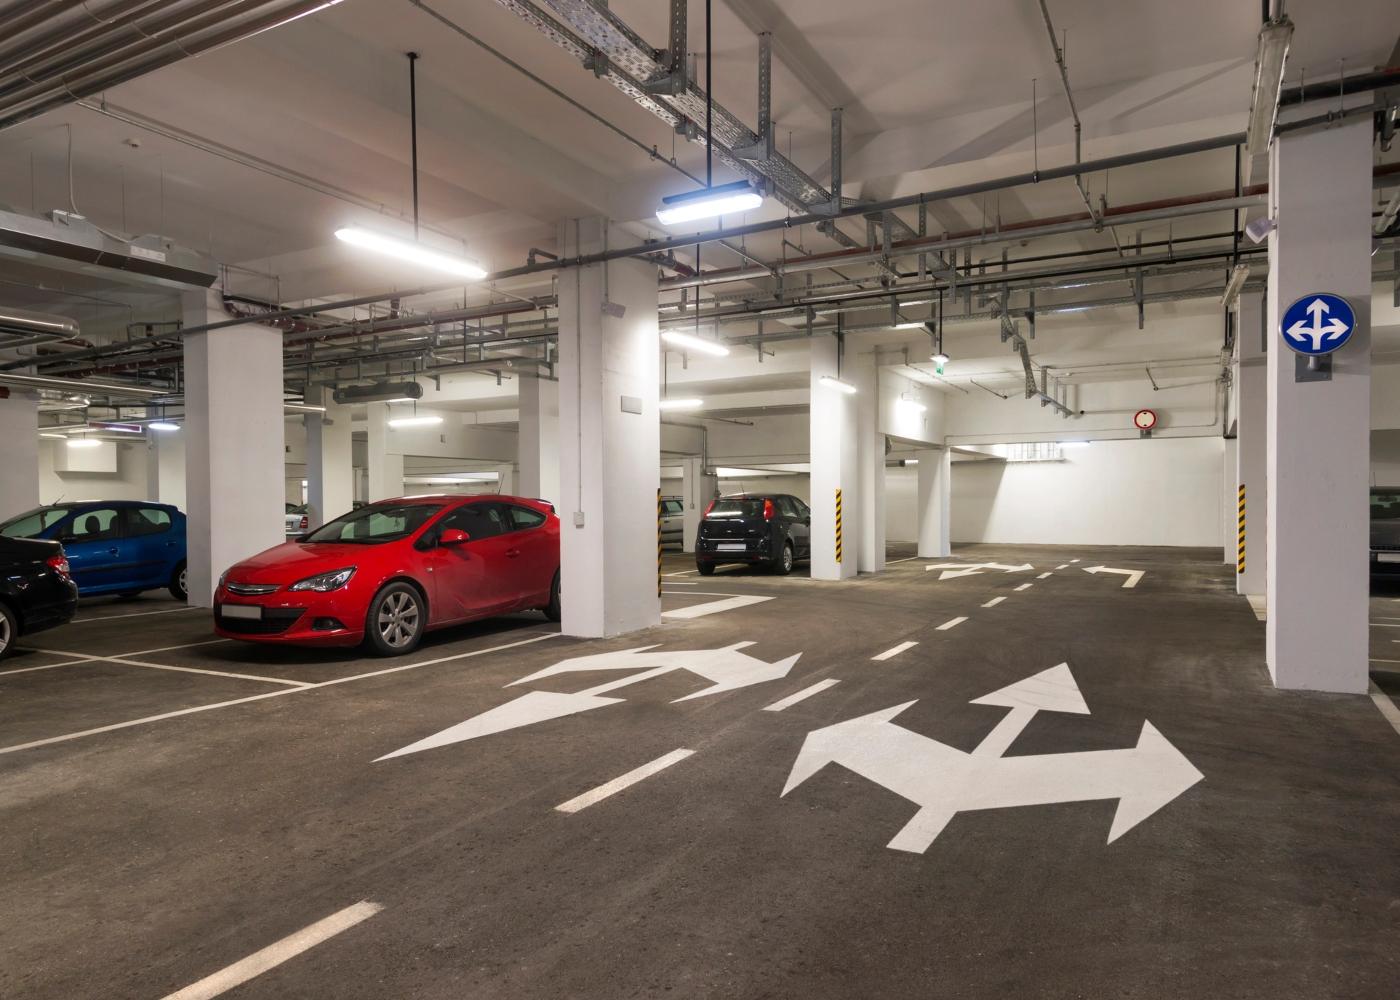 carros em parque de estacionamento subterraneo